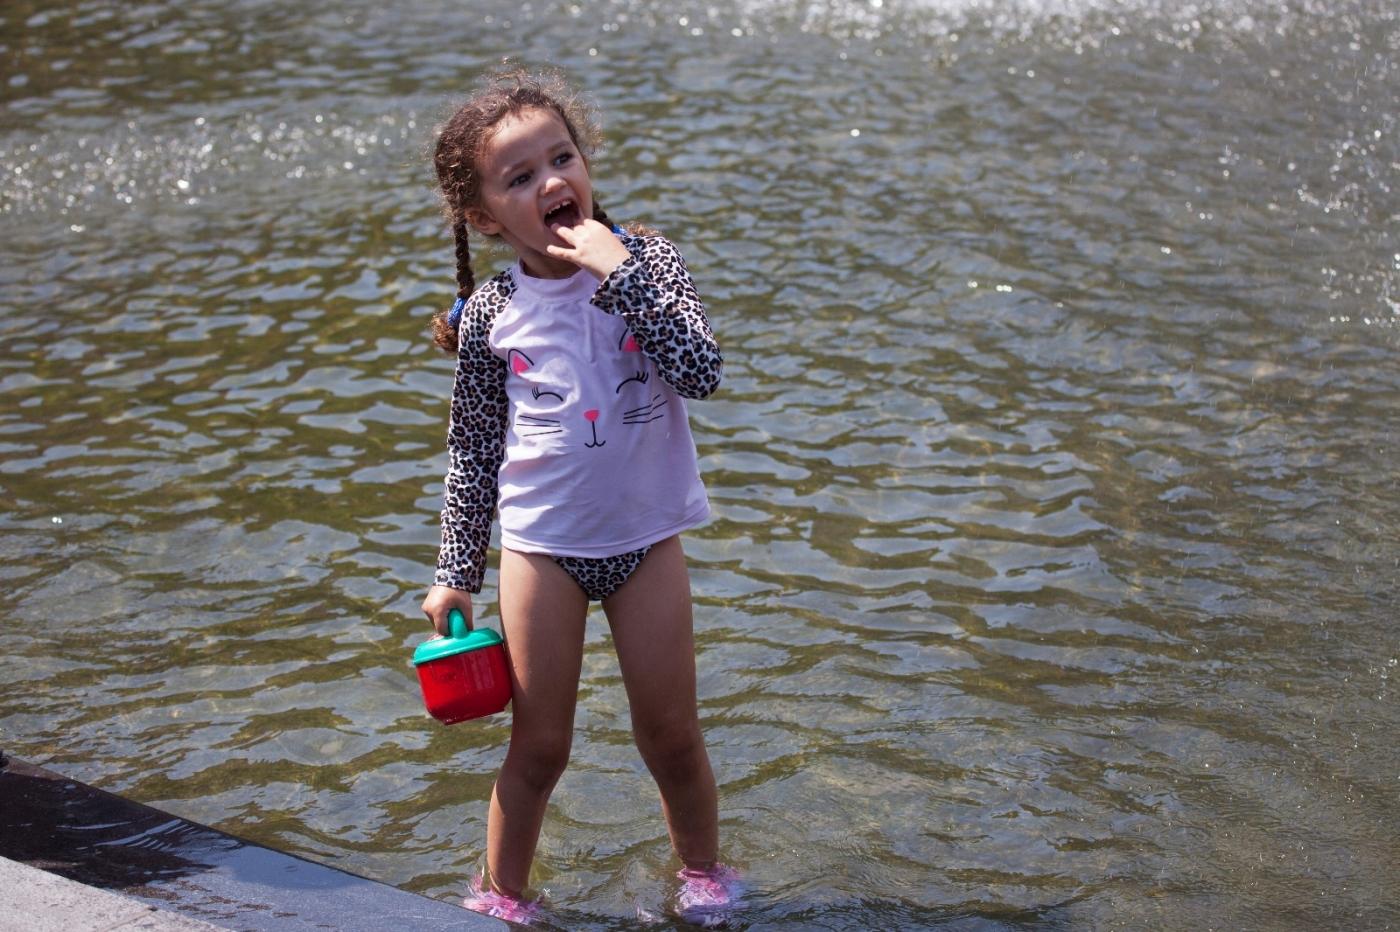 在喷水池中戏水的小孩,天真活泼(摄于纽约华盛顿广场喷水池) ... ... ..._图1-6